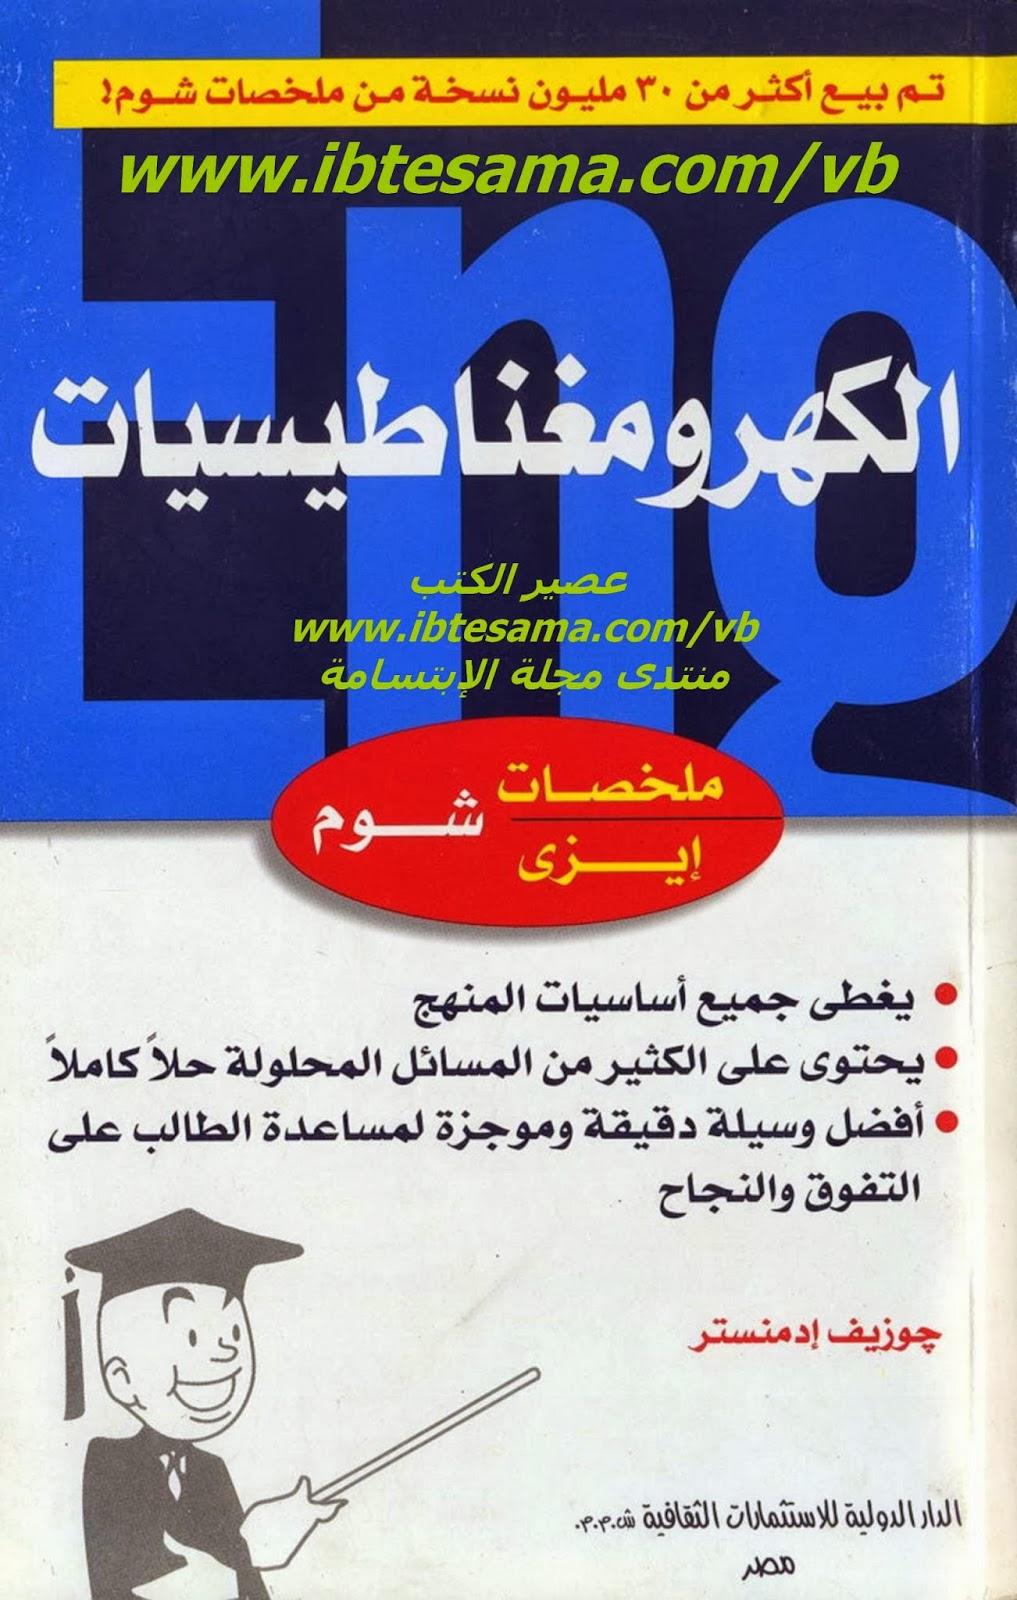 الكهرومغناطيسيات - ملخصات إيزى شوم pdf